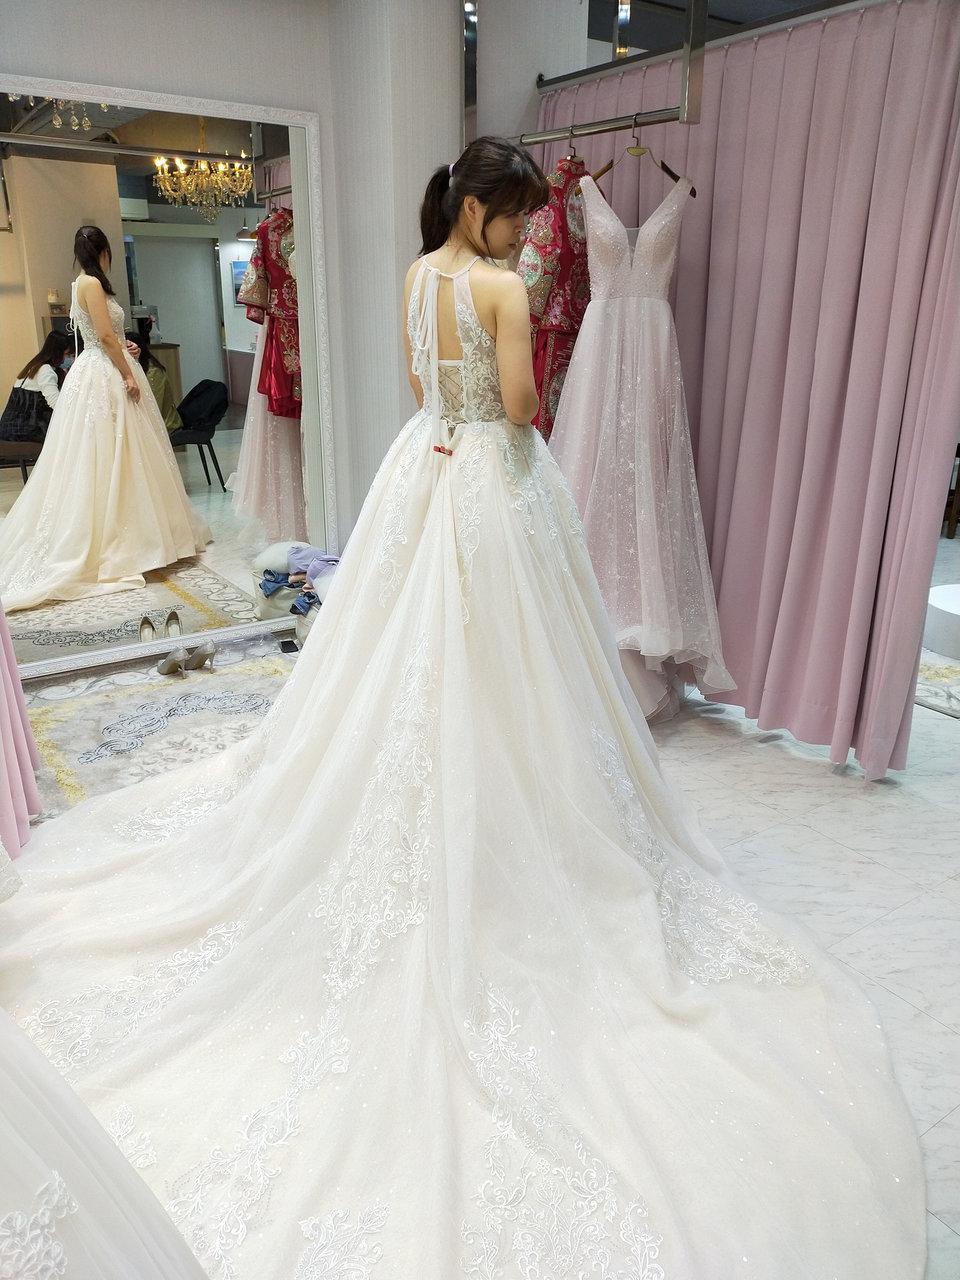 伊頓自助婚紗攝影工作室(新北板橋店),大推台北伊頓的嘉萍